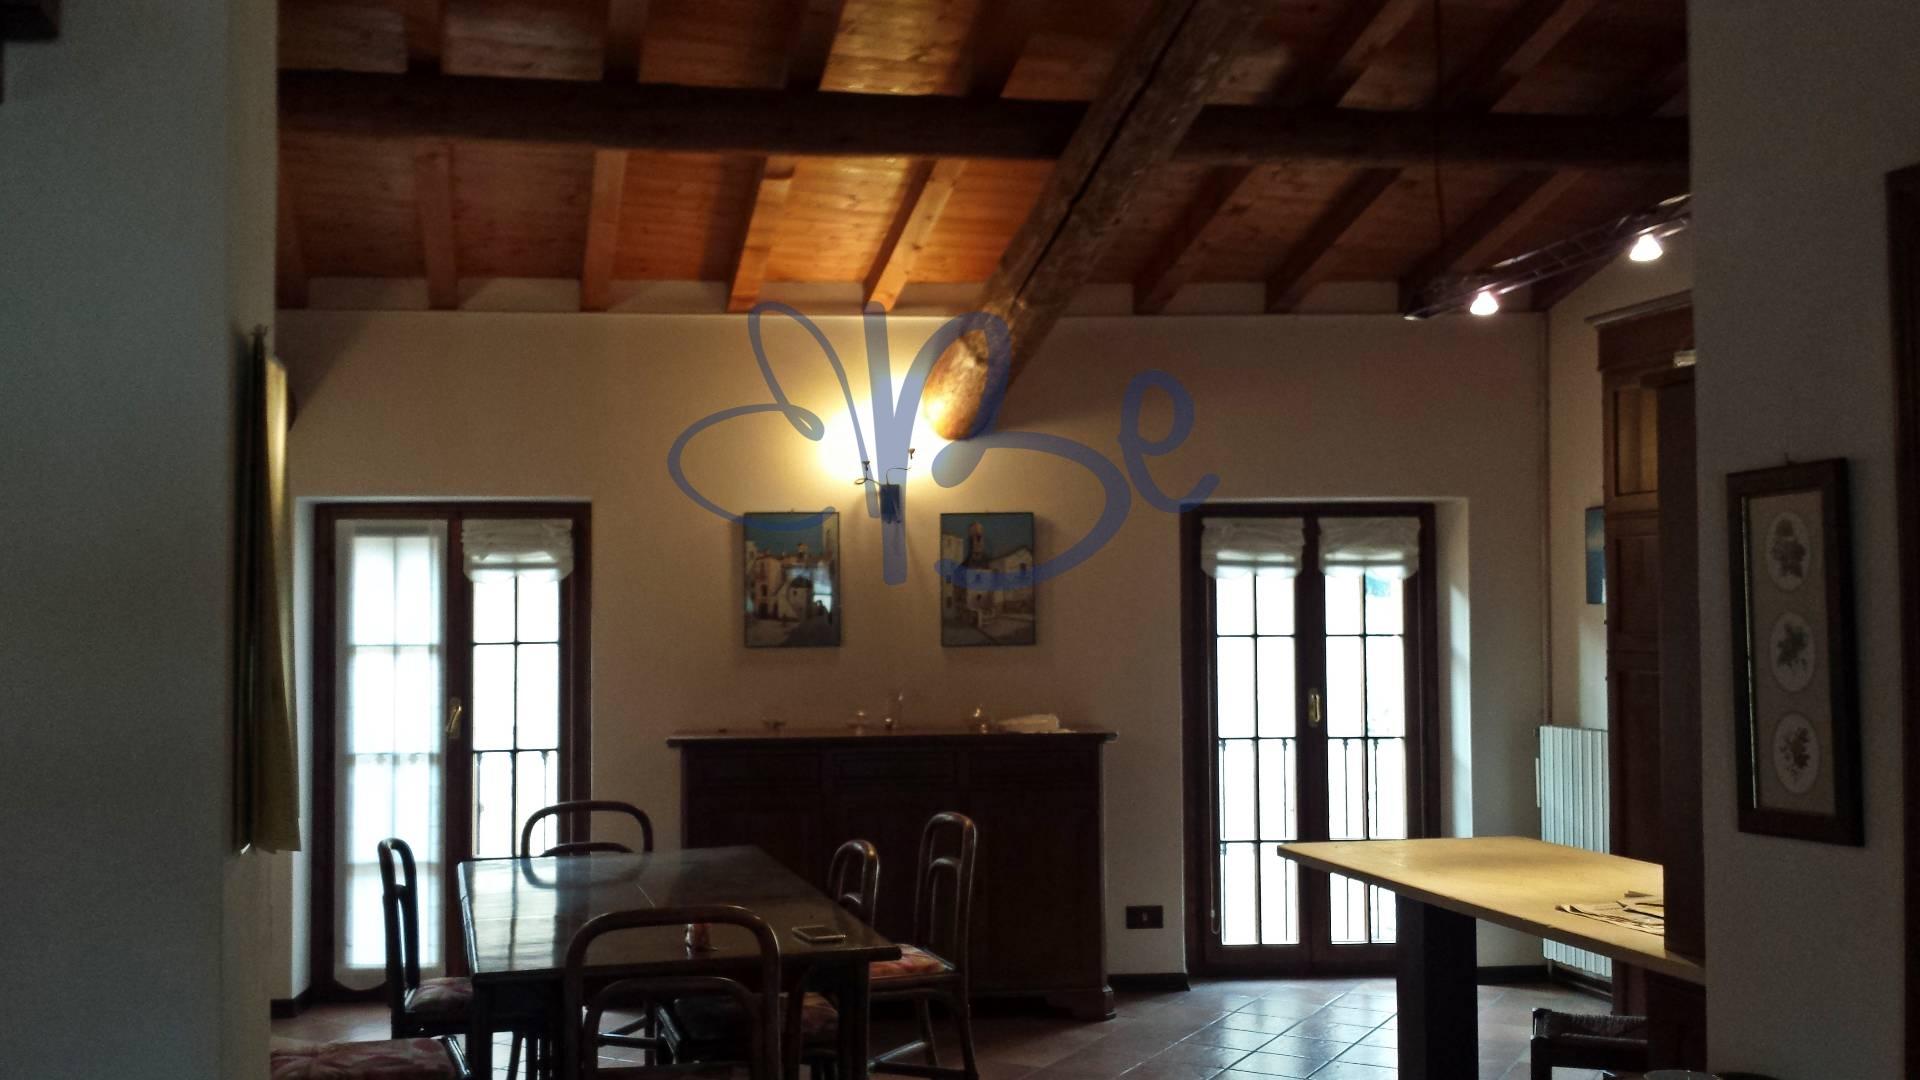 Attico / Mansarda in vendita a Gargnano, 3 locali, zona Zona: Bogliaco, prezzo € 190.000 | Cambio Casa.it